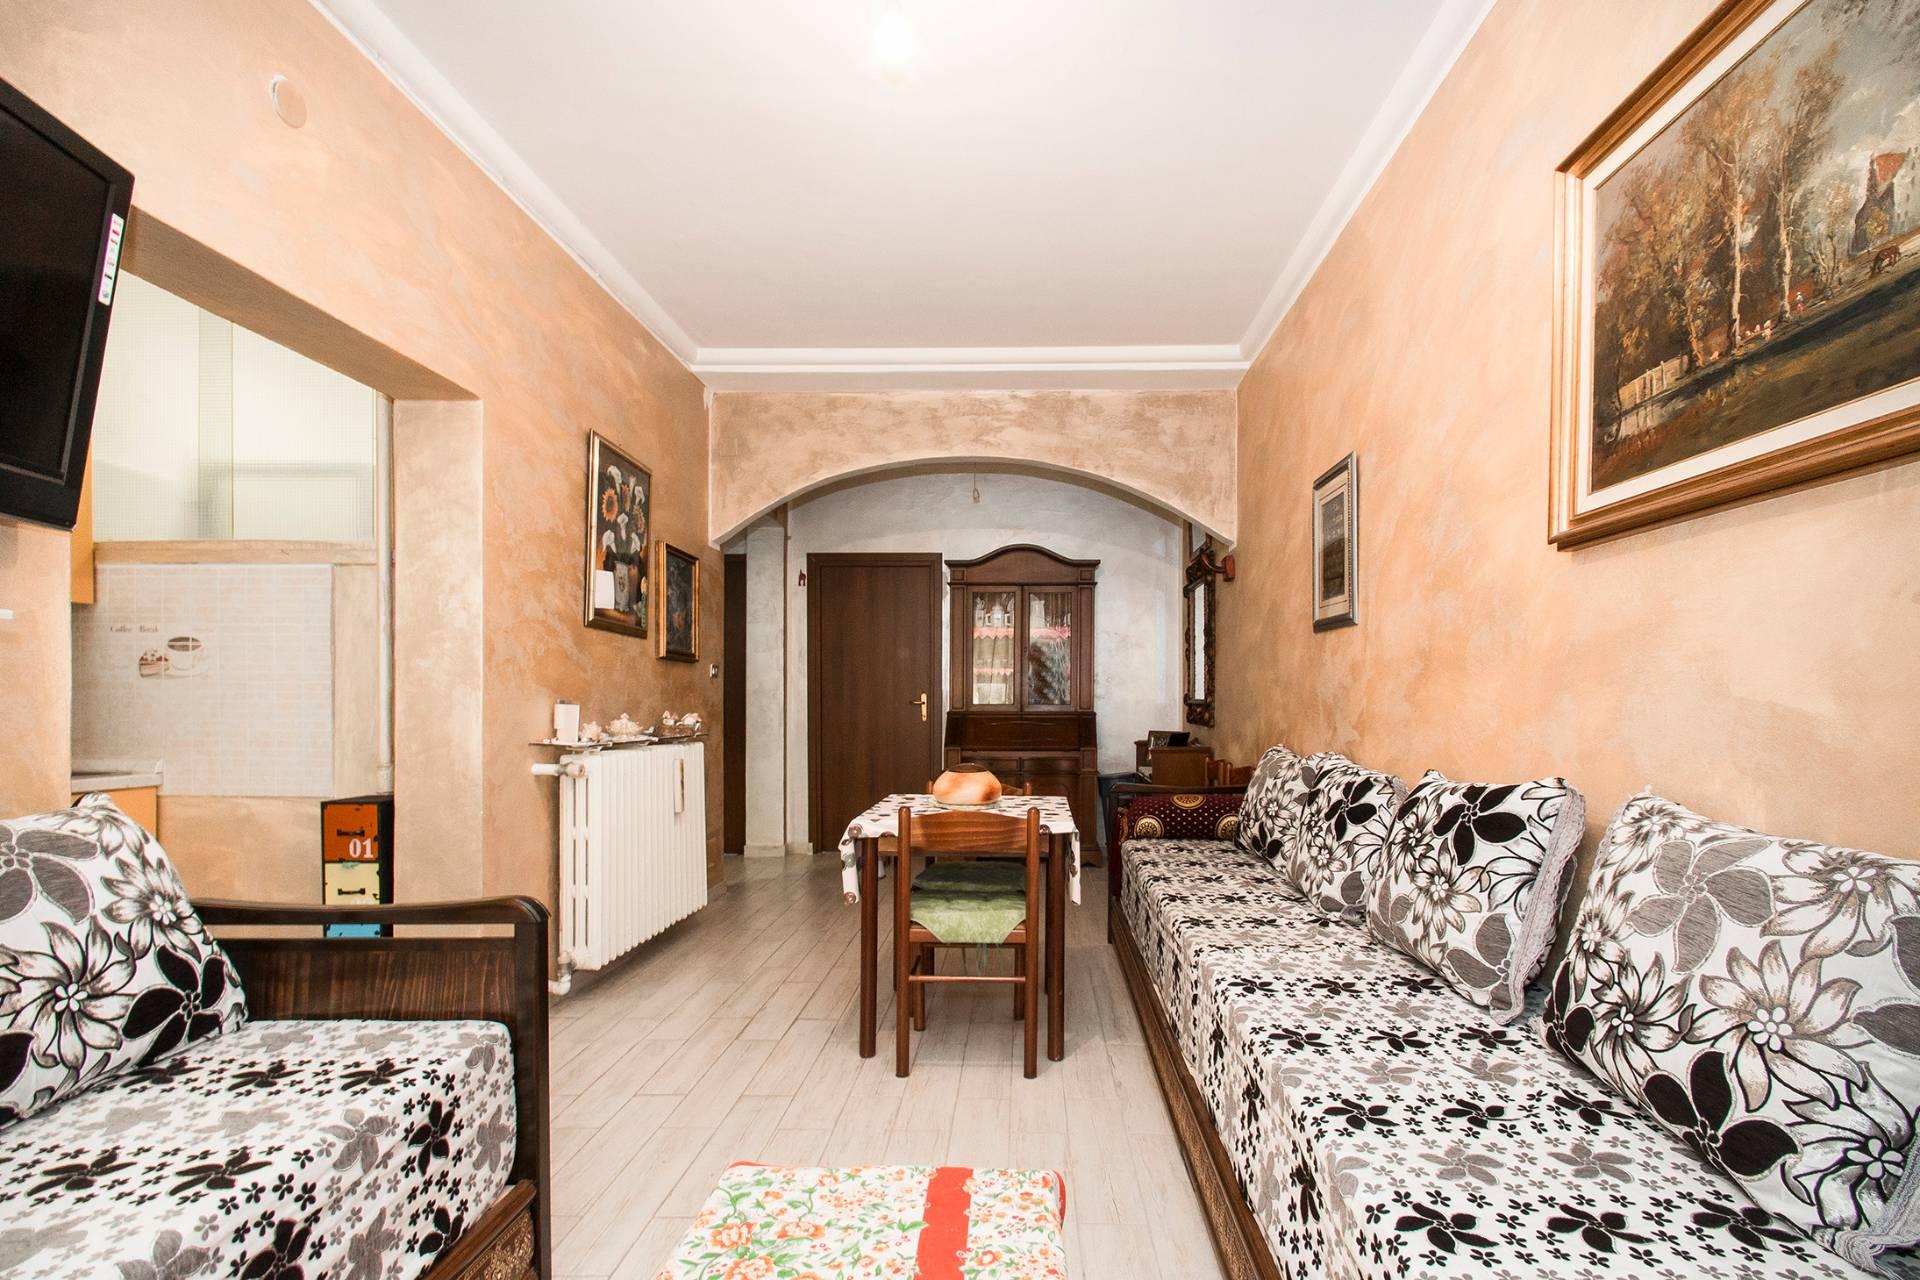 Bilocale Torino Via Chisola, To 6